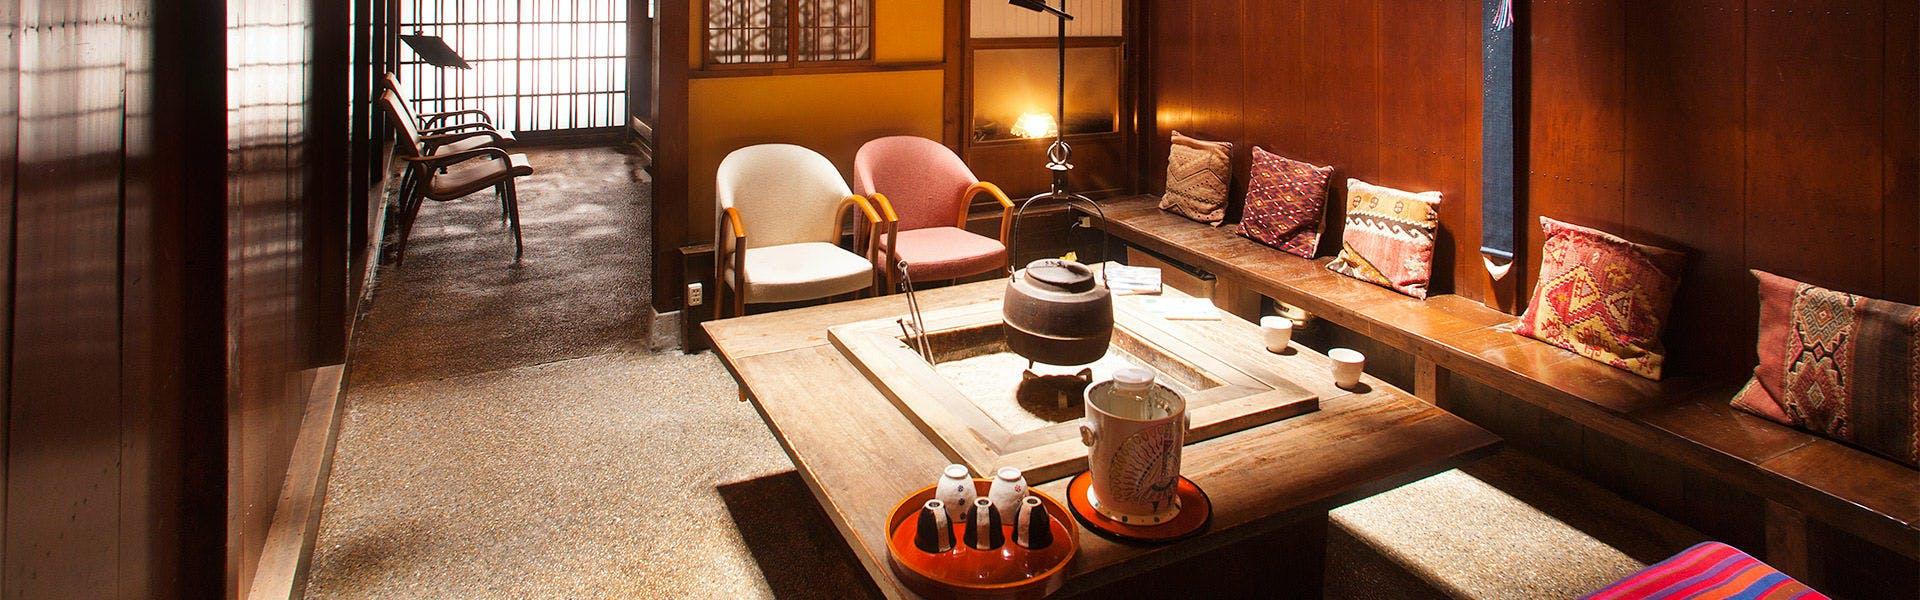 記念日におすすめのホテル・本陣平野屋 花兆庵の写真1